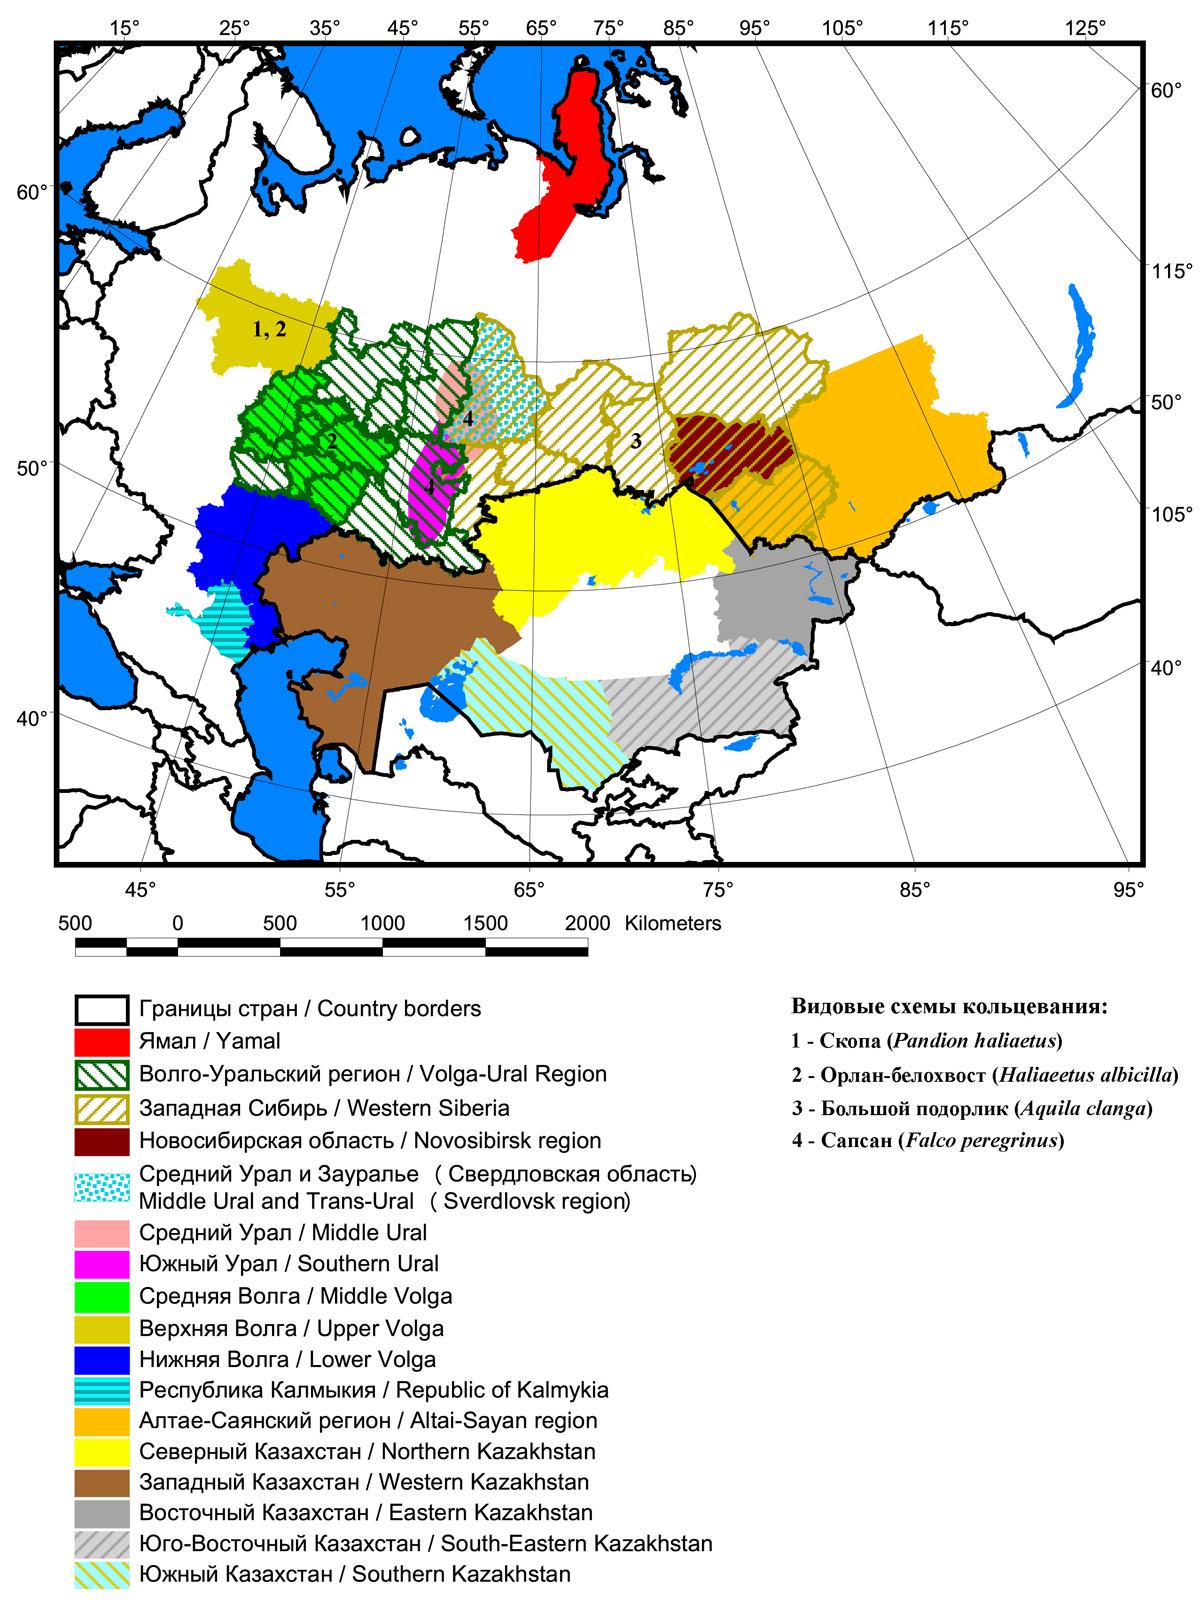 Схемы цветного мечения хищных птиц в России и Казахстане